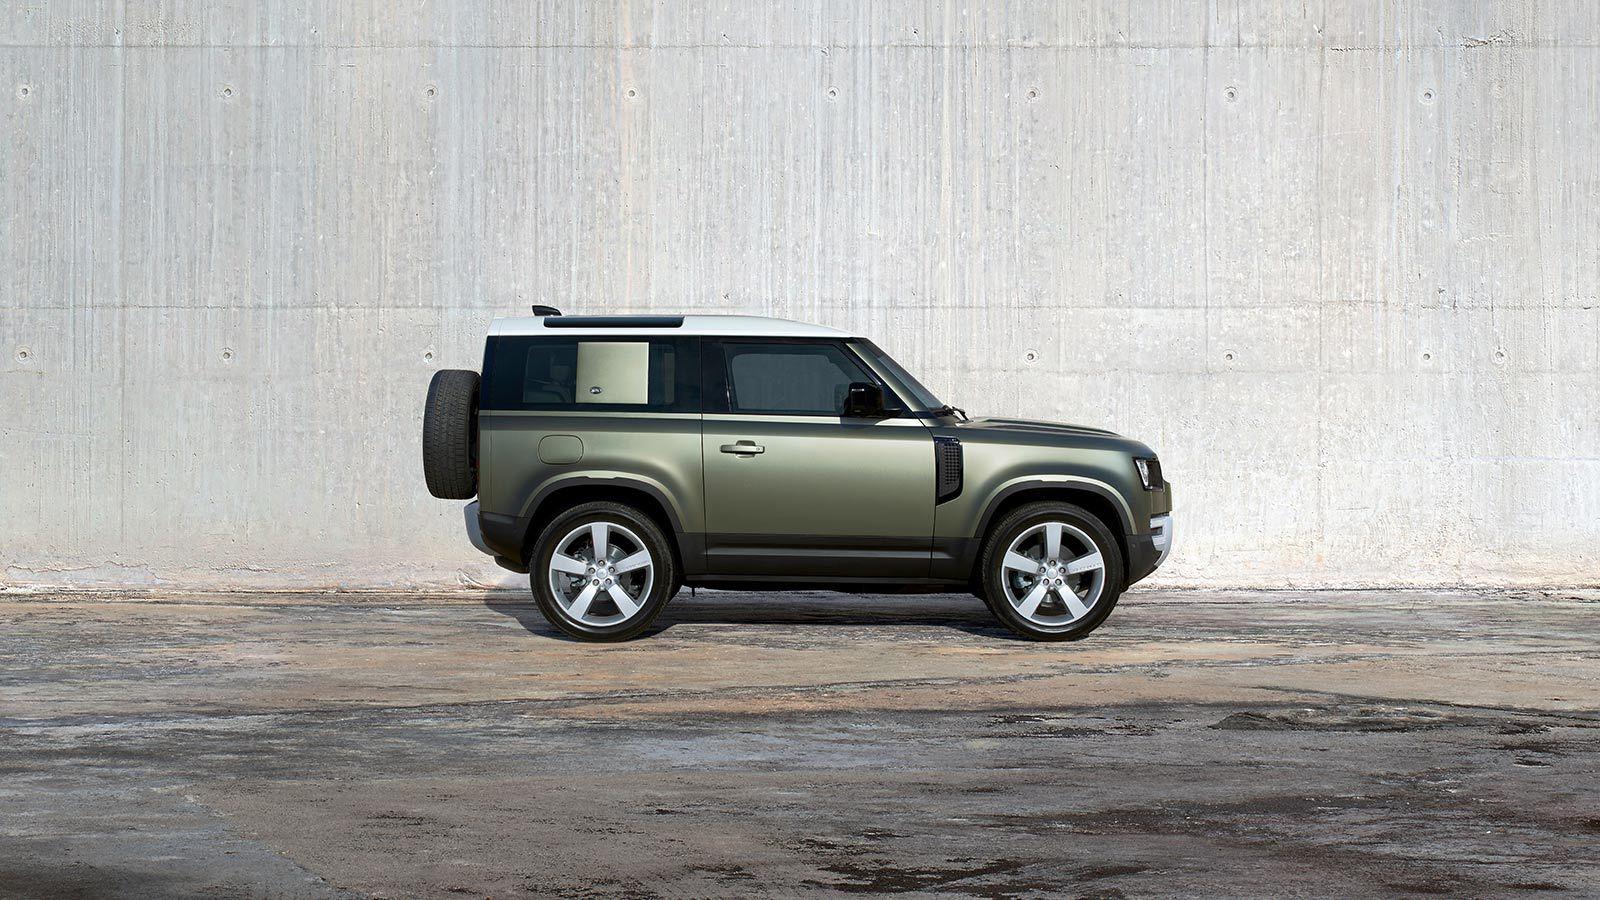 aspecto de Land Rover Defender 2020 precio en México retoma elementos clásicos, pero también luce vanguardista